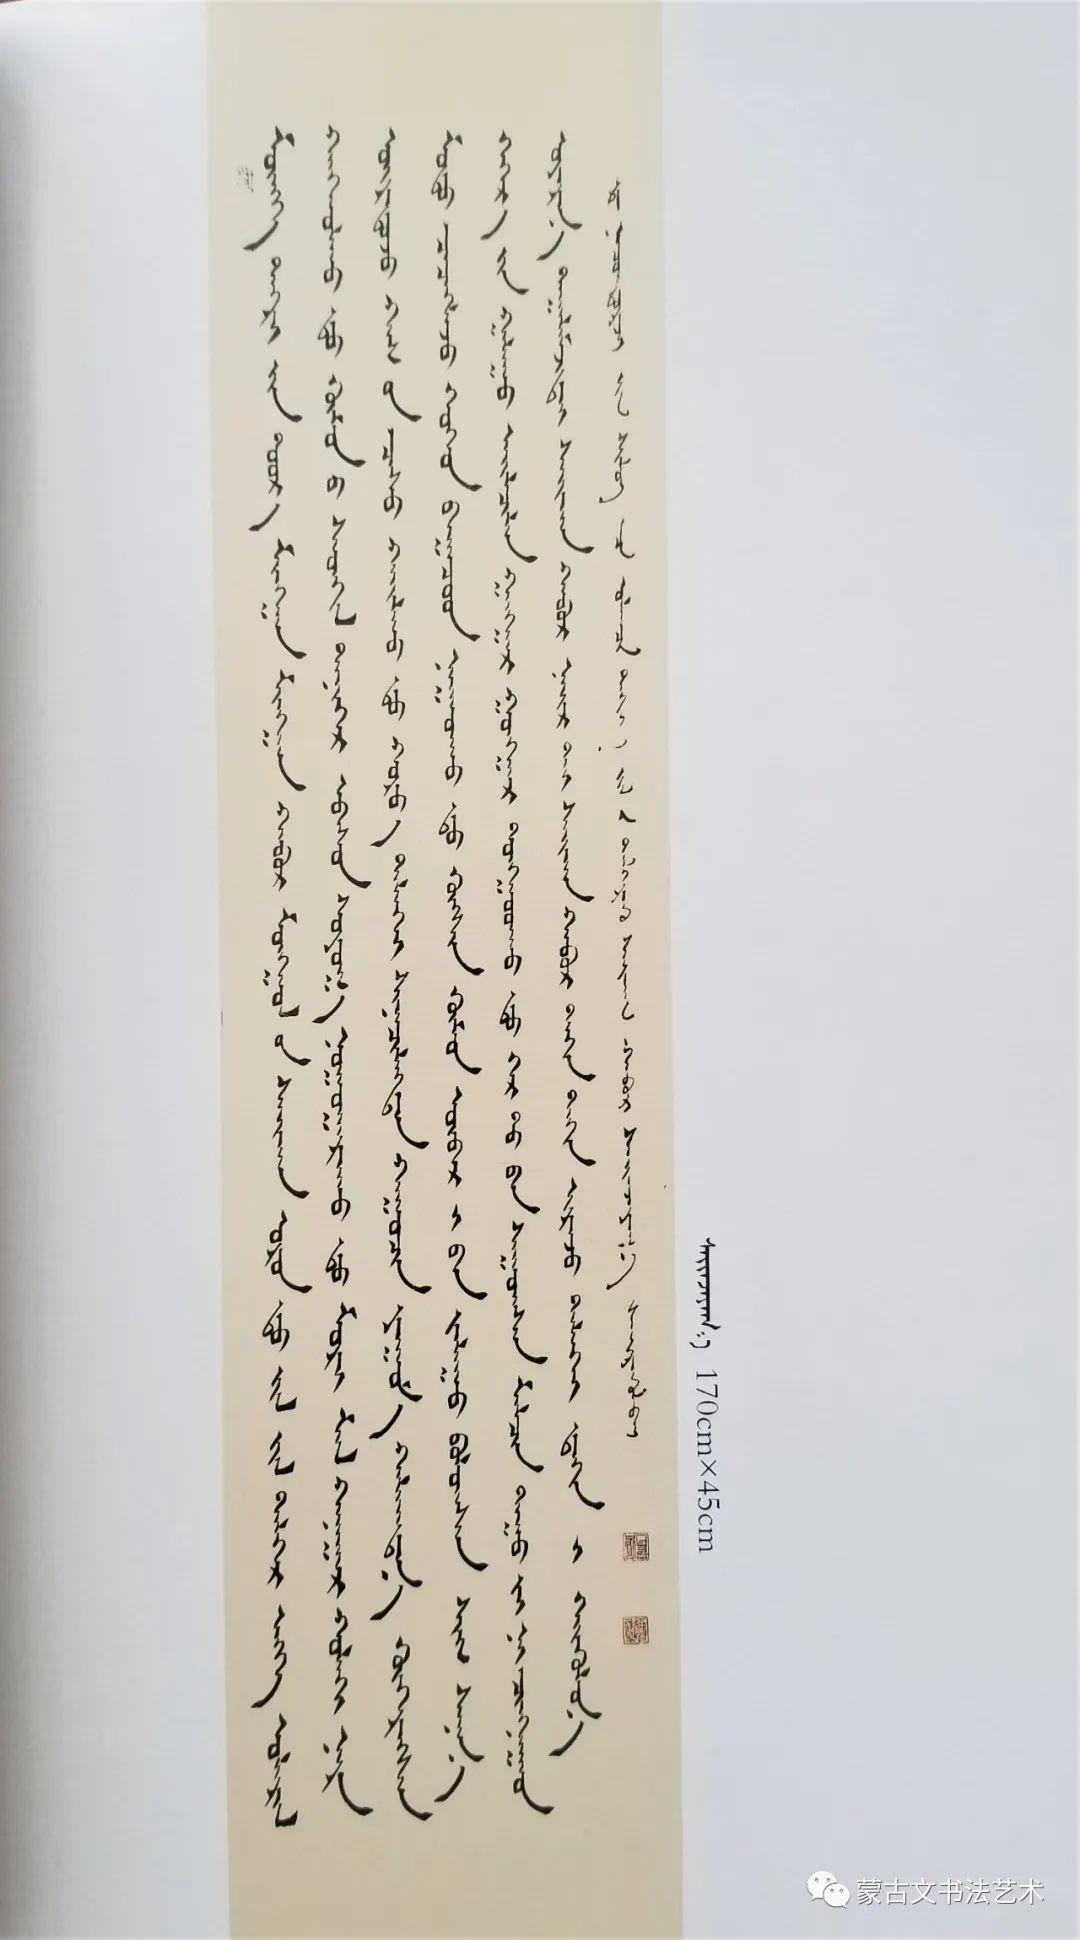 蒙古文书法作品集 第15张 蒙古文书法作品集 蒙古书法